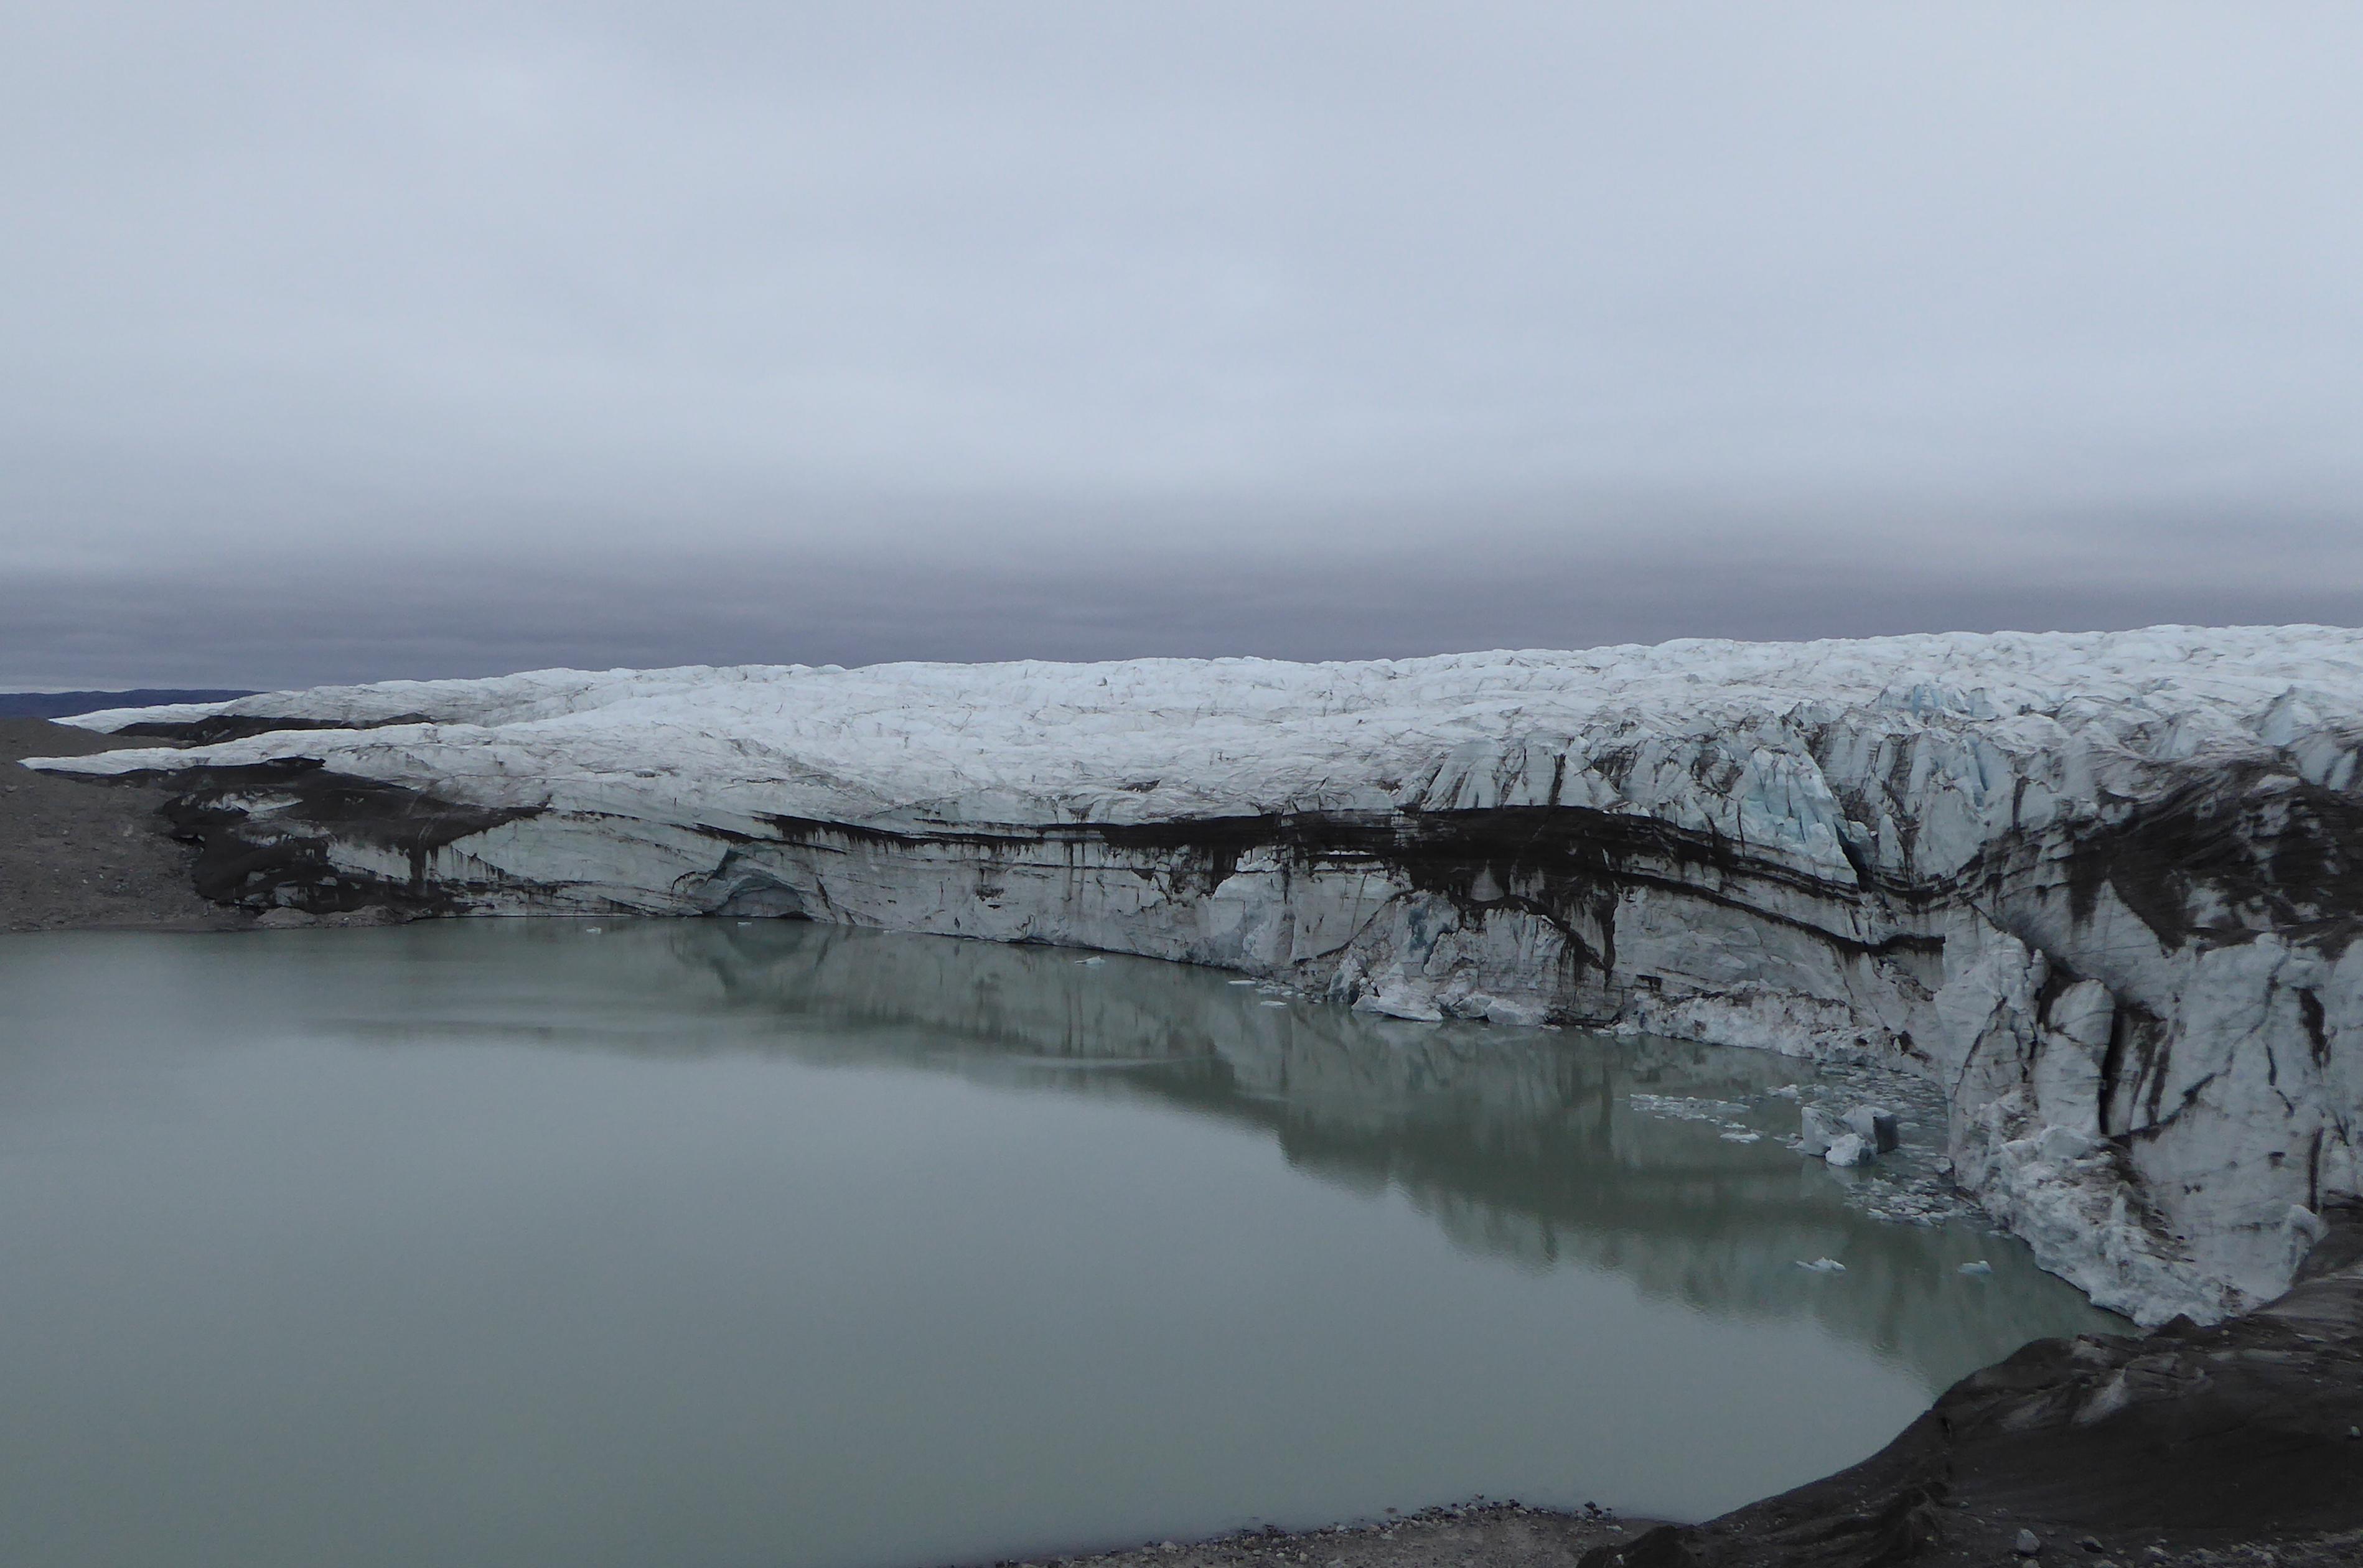 ProglacialNY